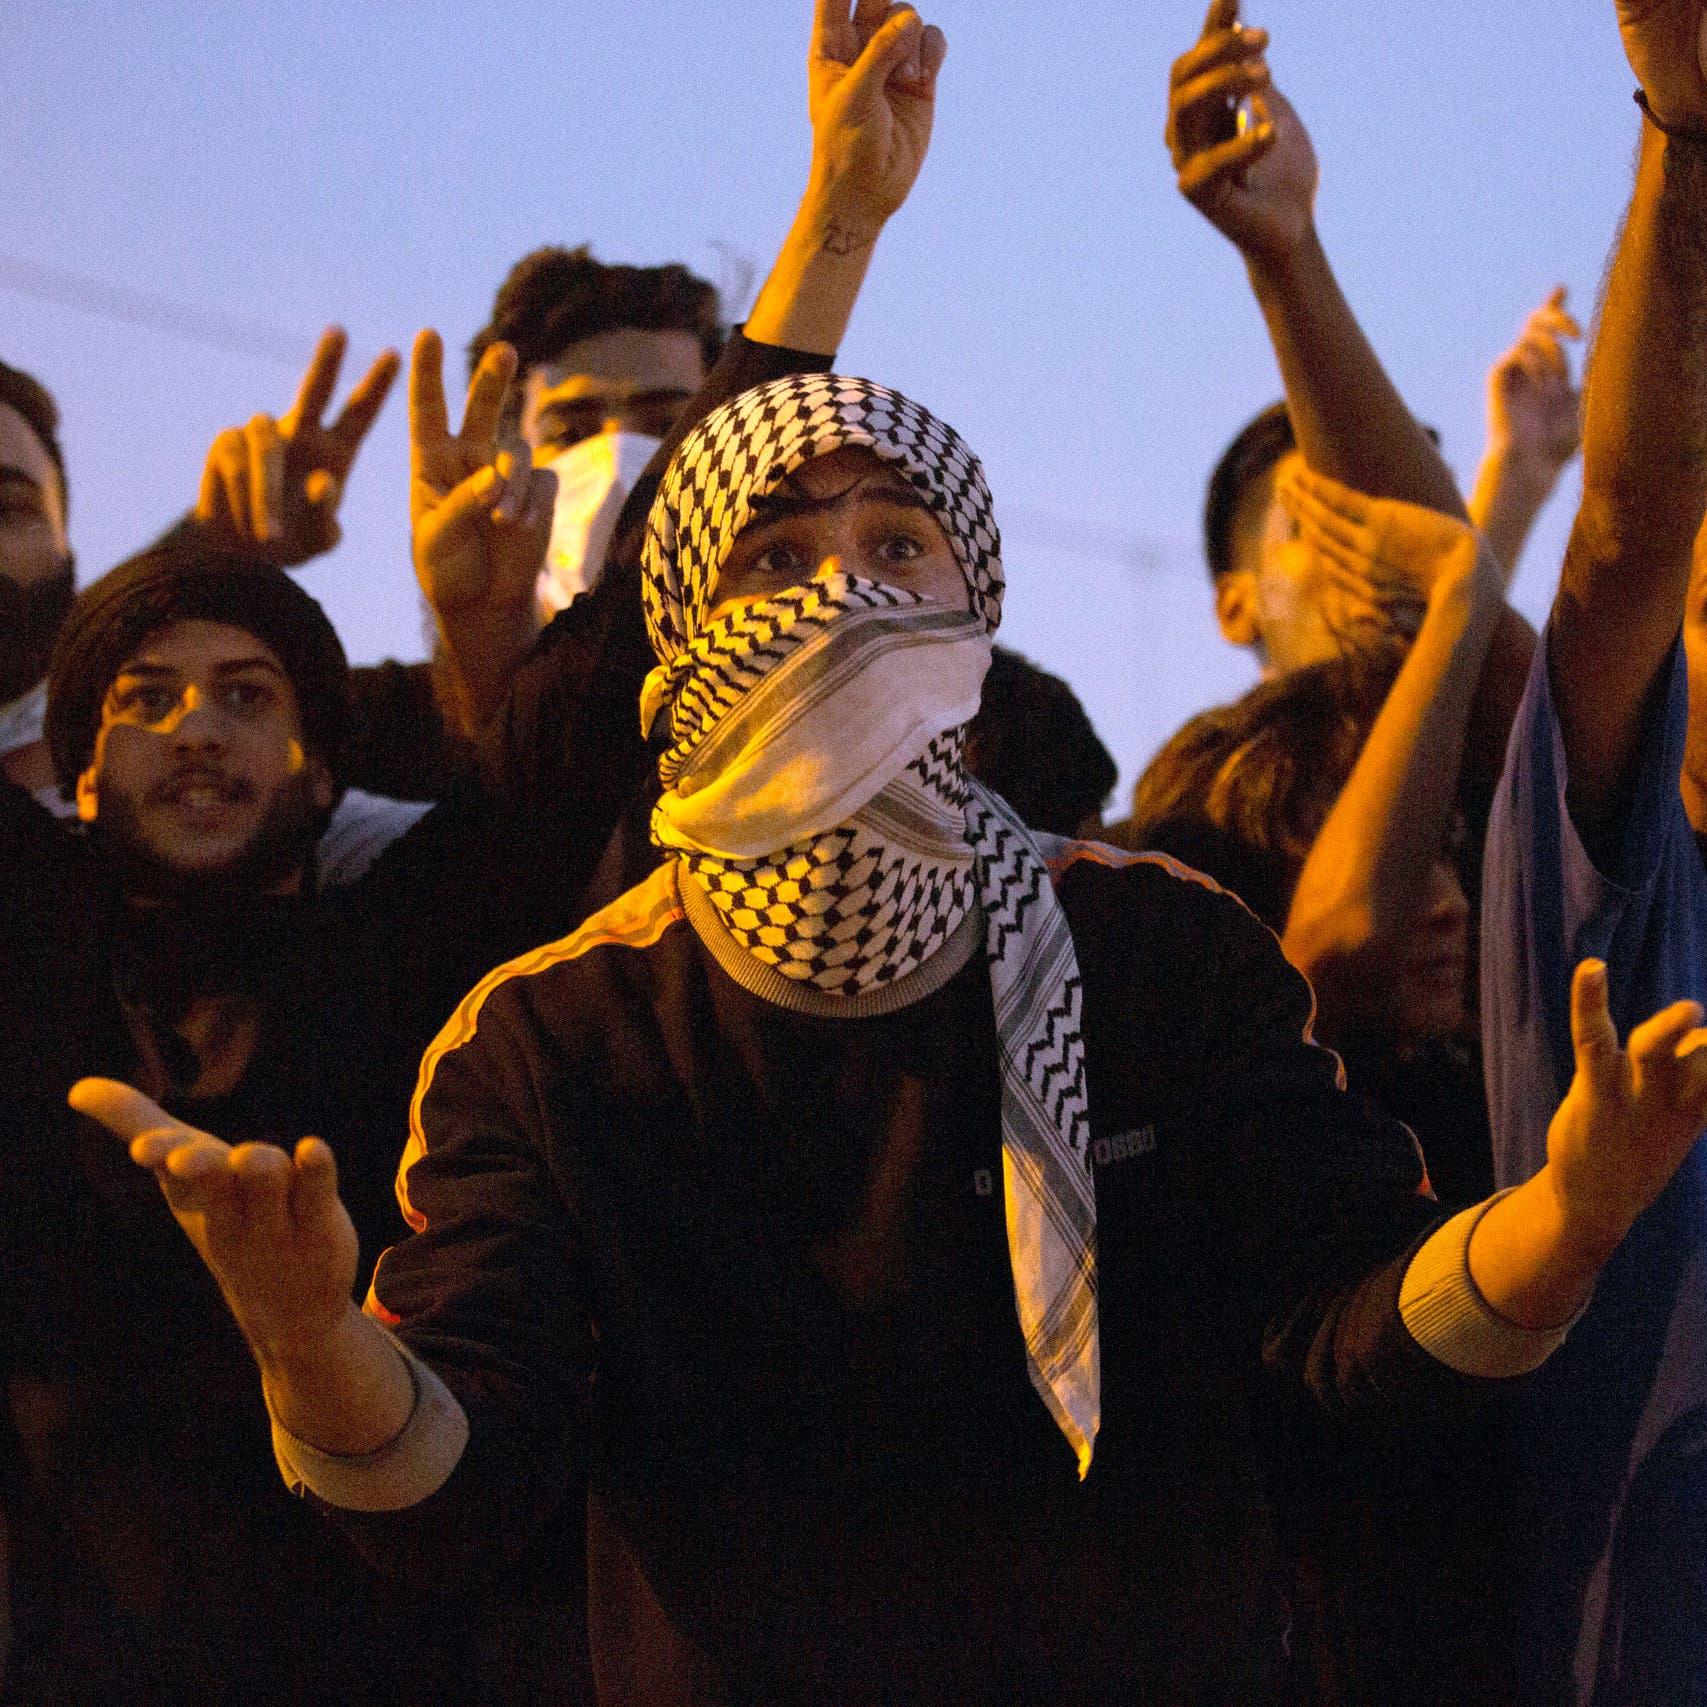 رئيس الوزراء العراقي: لن نتساهل مع إطلاق الرصاص على المتظاهرين